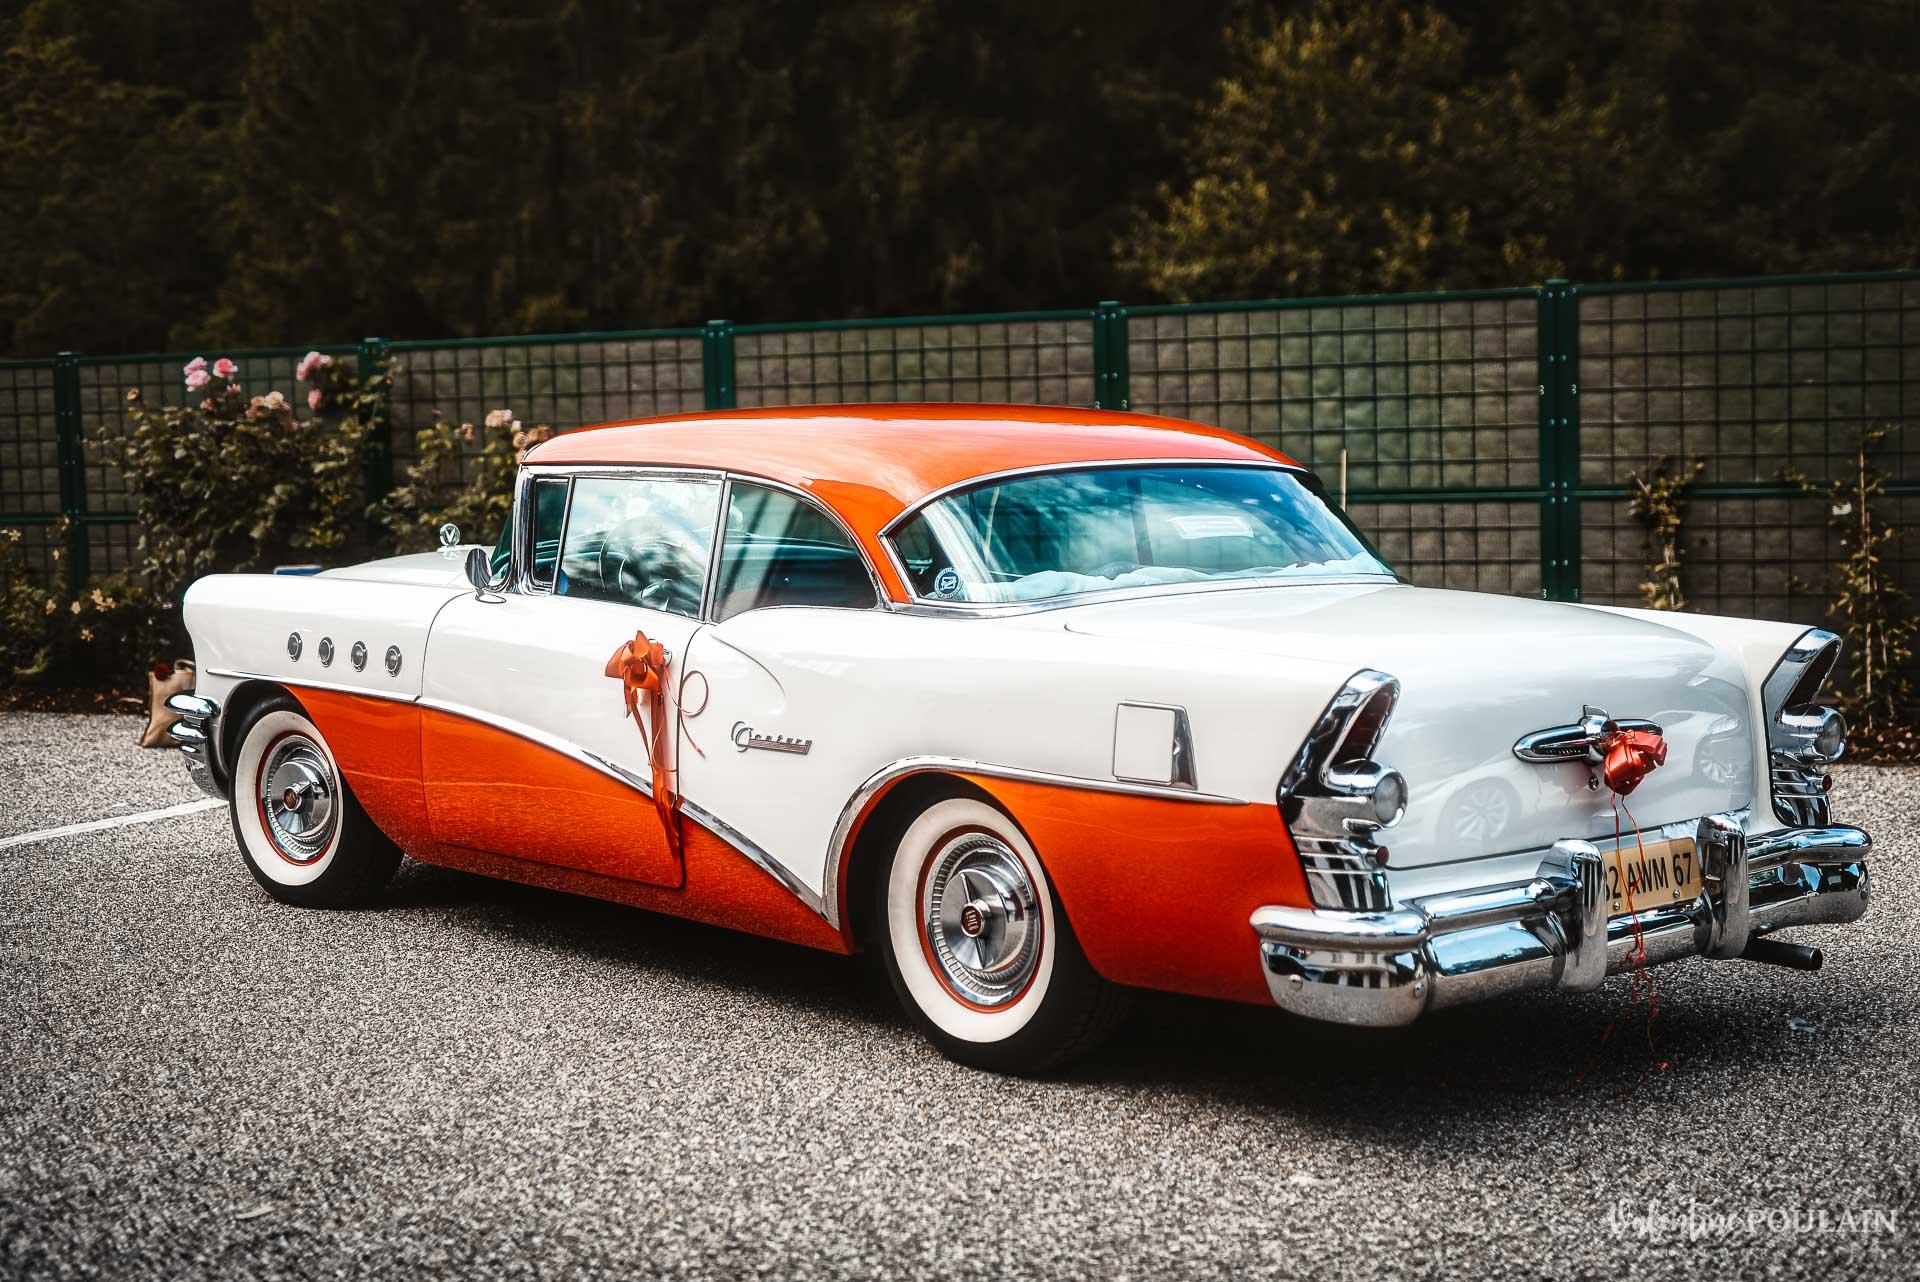 Mariage vintage rockabilly - Valentine Poulain voiture